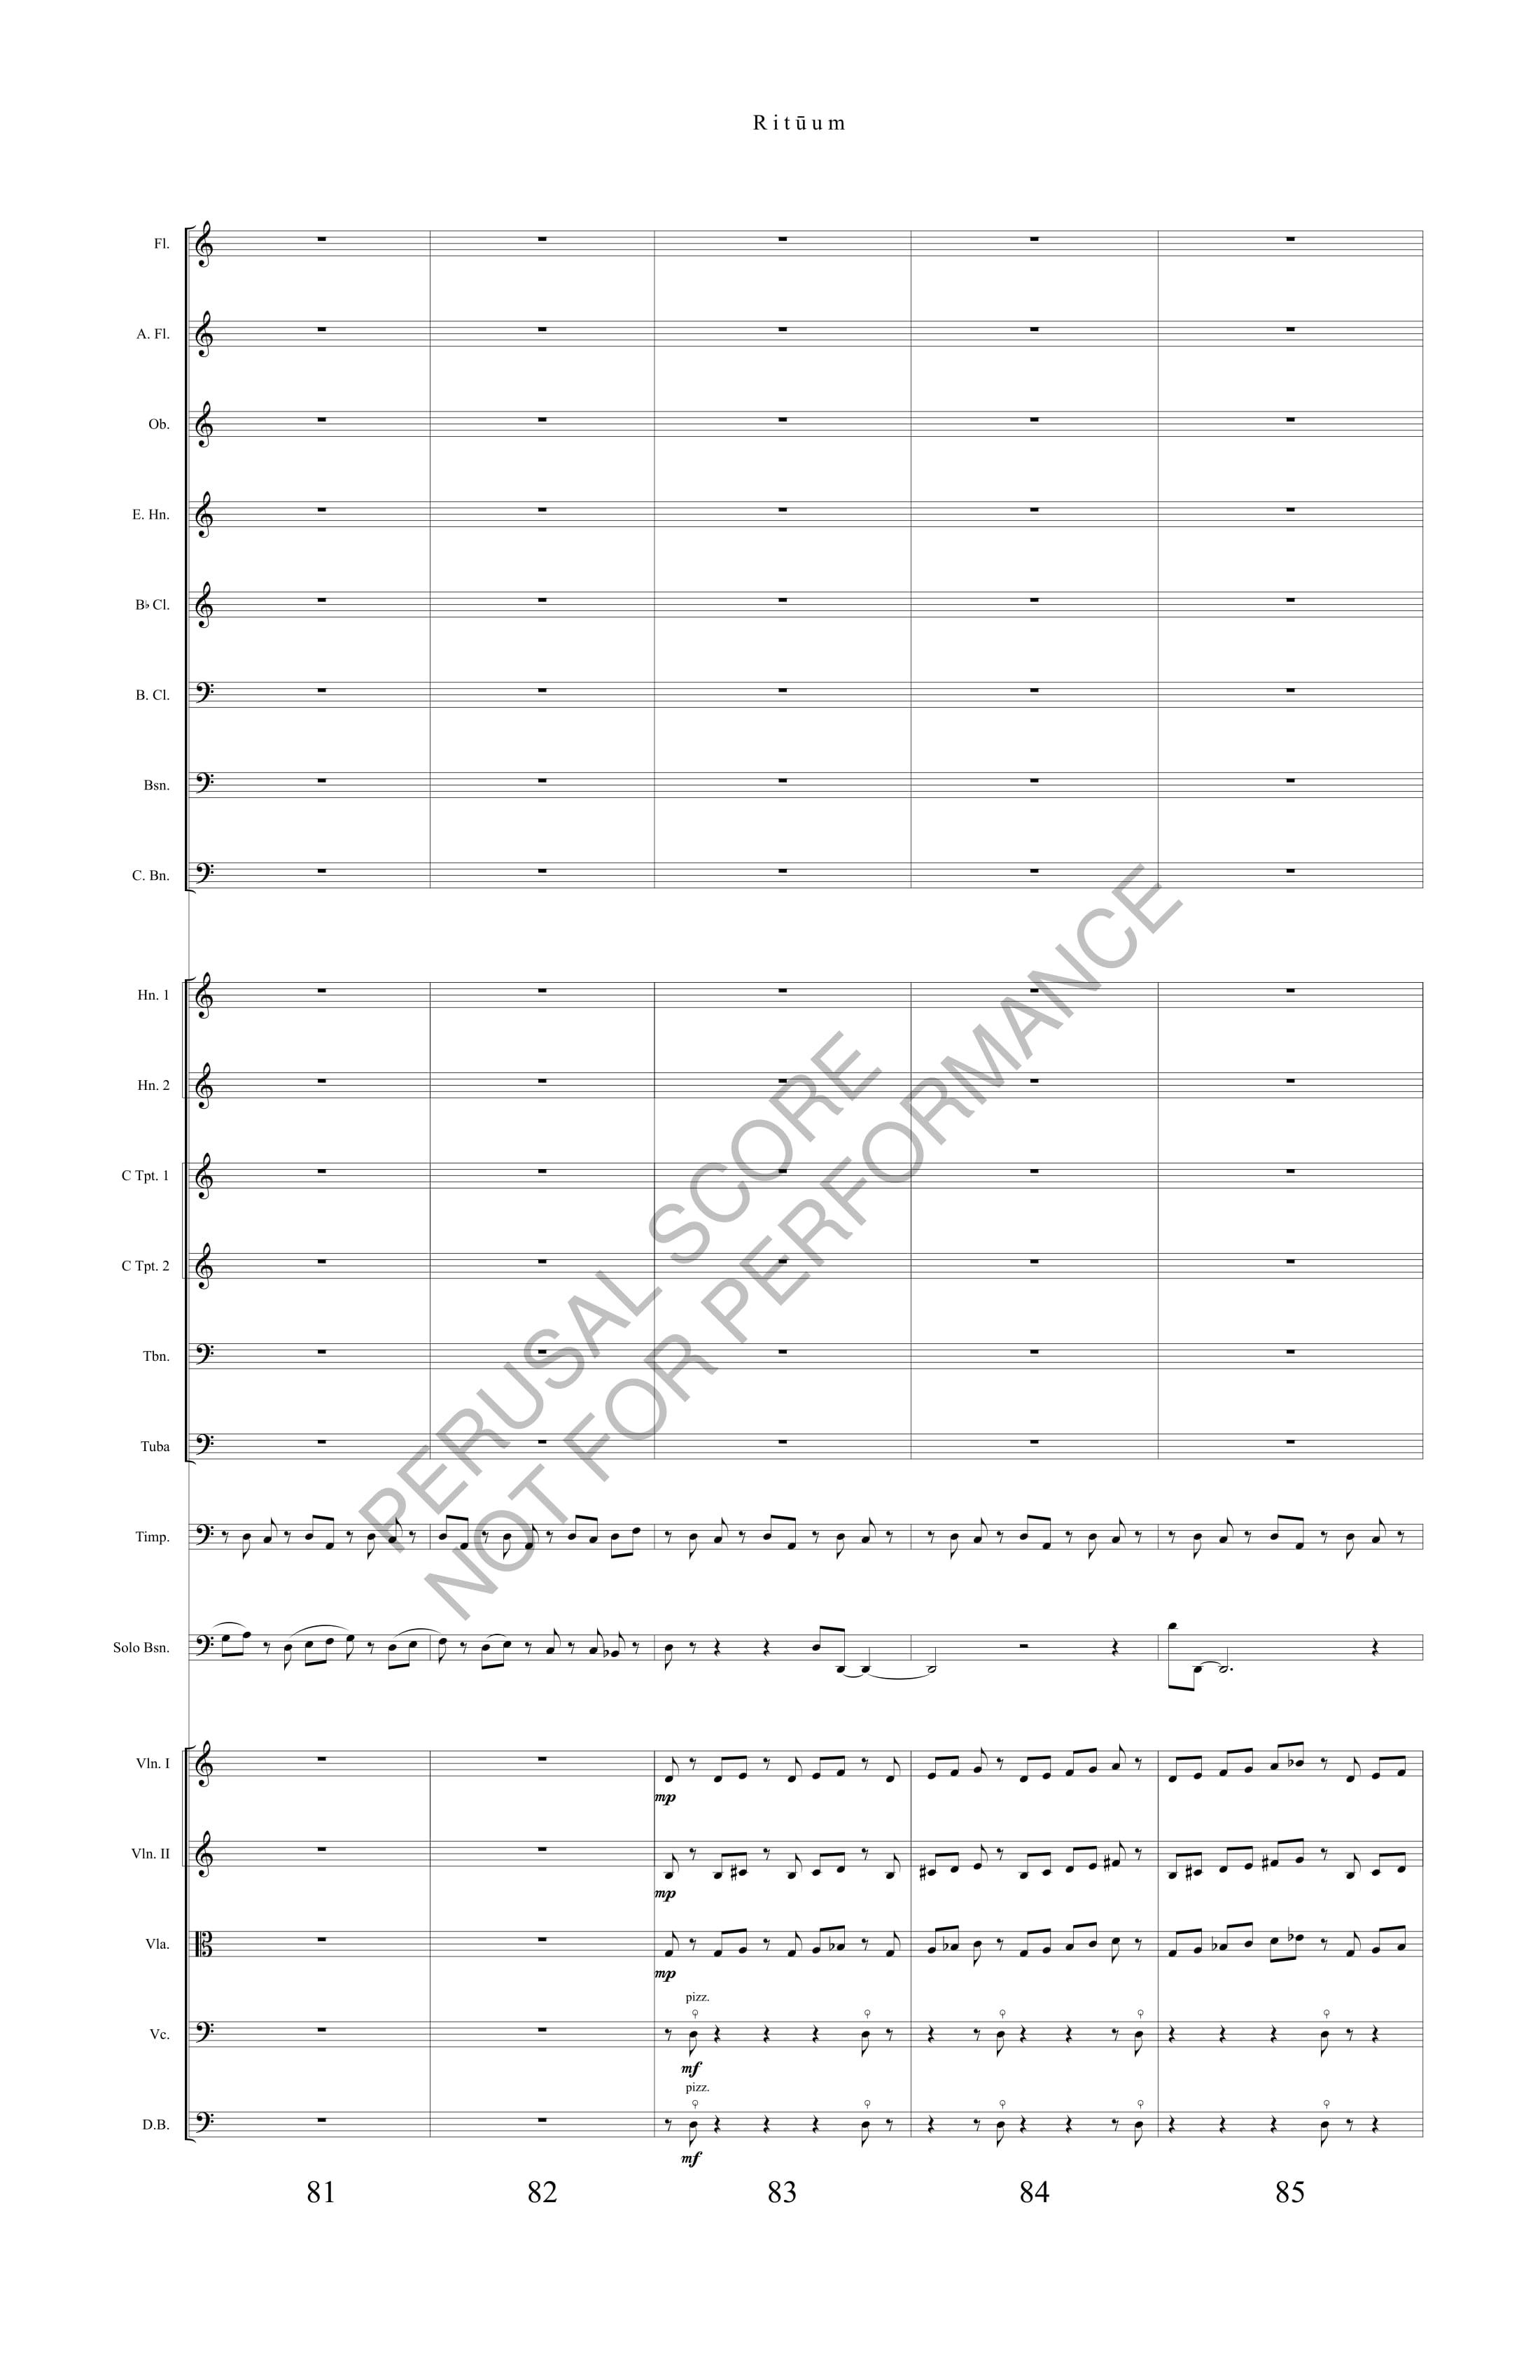 Boyd Rituum Score-watermark (1)-23.jpg